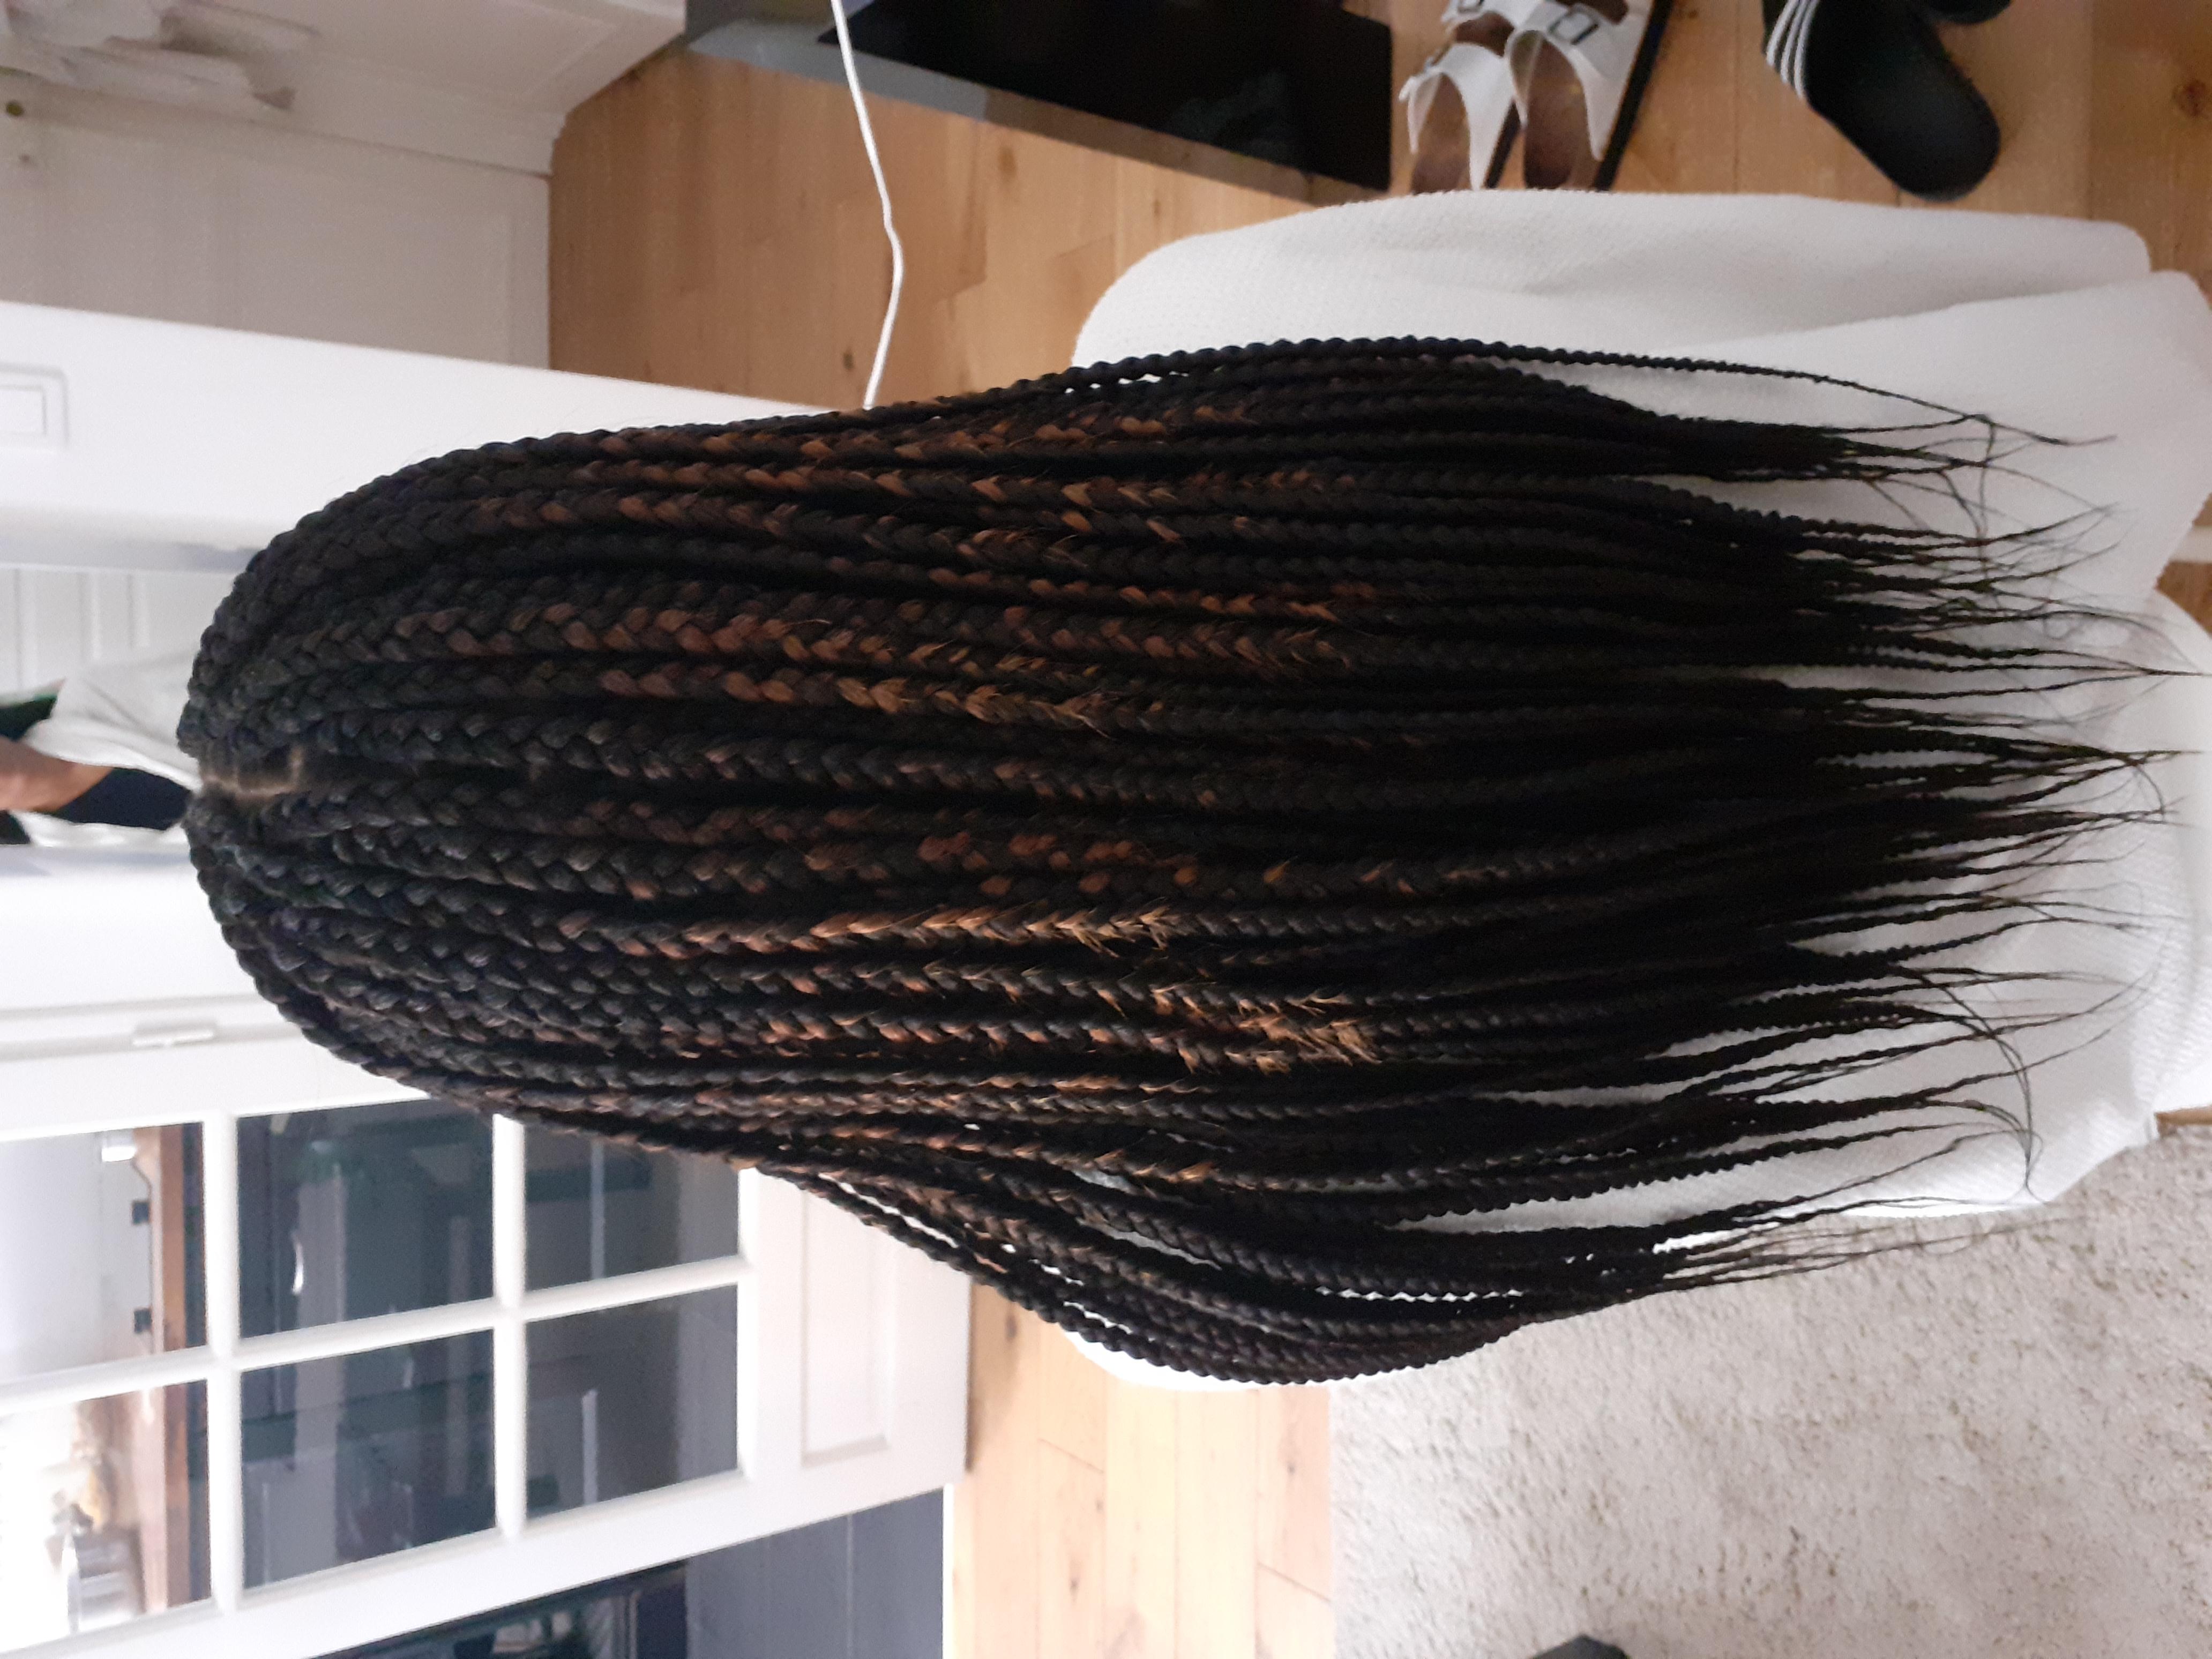 salon de coiffure afro tresse tresses box braids crochet braids vanilles tissages paris 75 77 78 91 92 93 94 95 SNDZNWRP